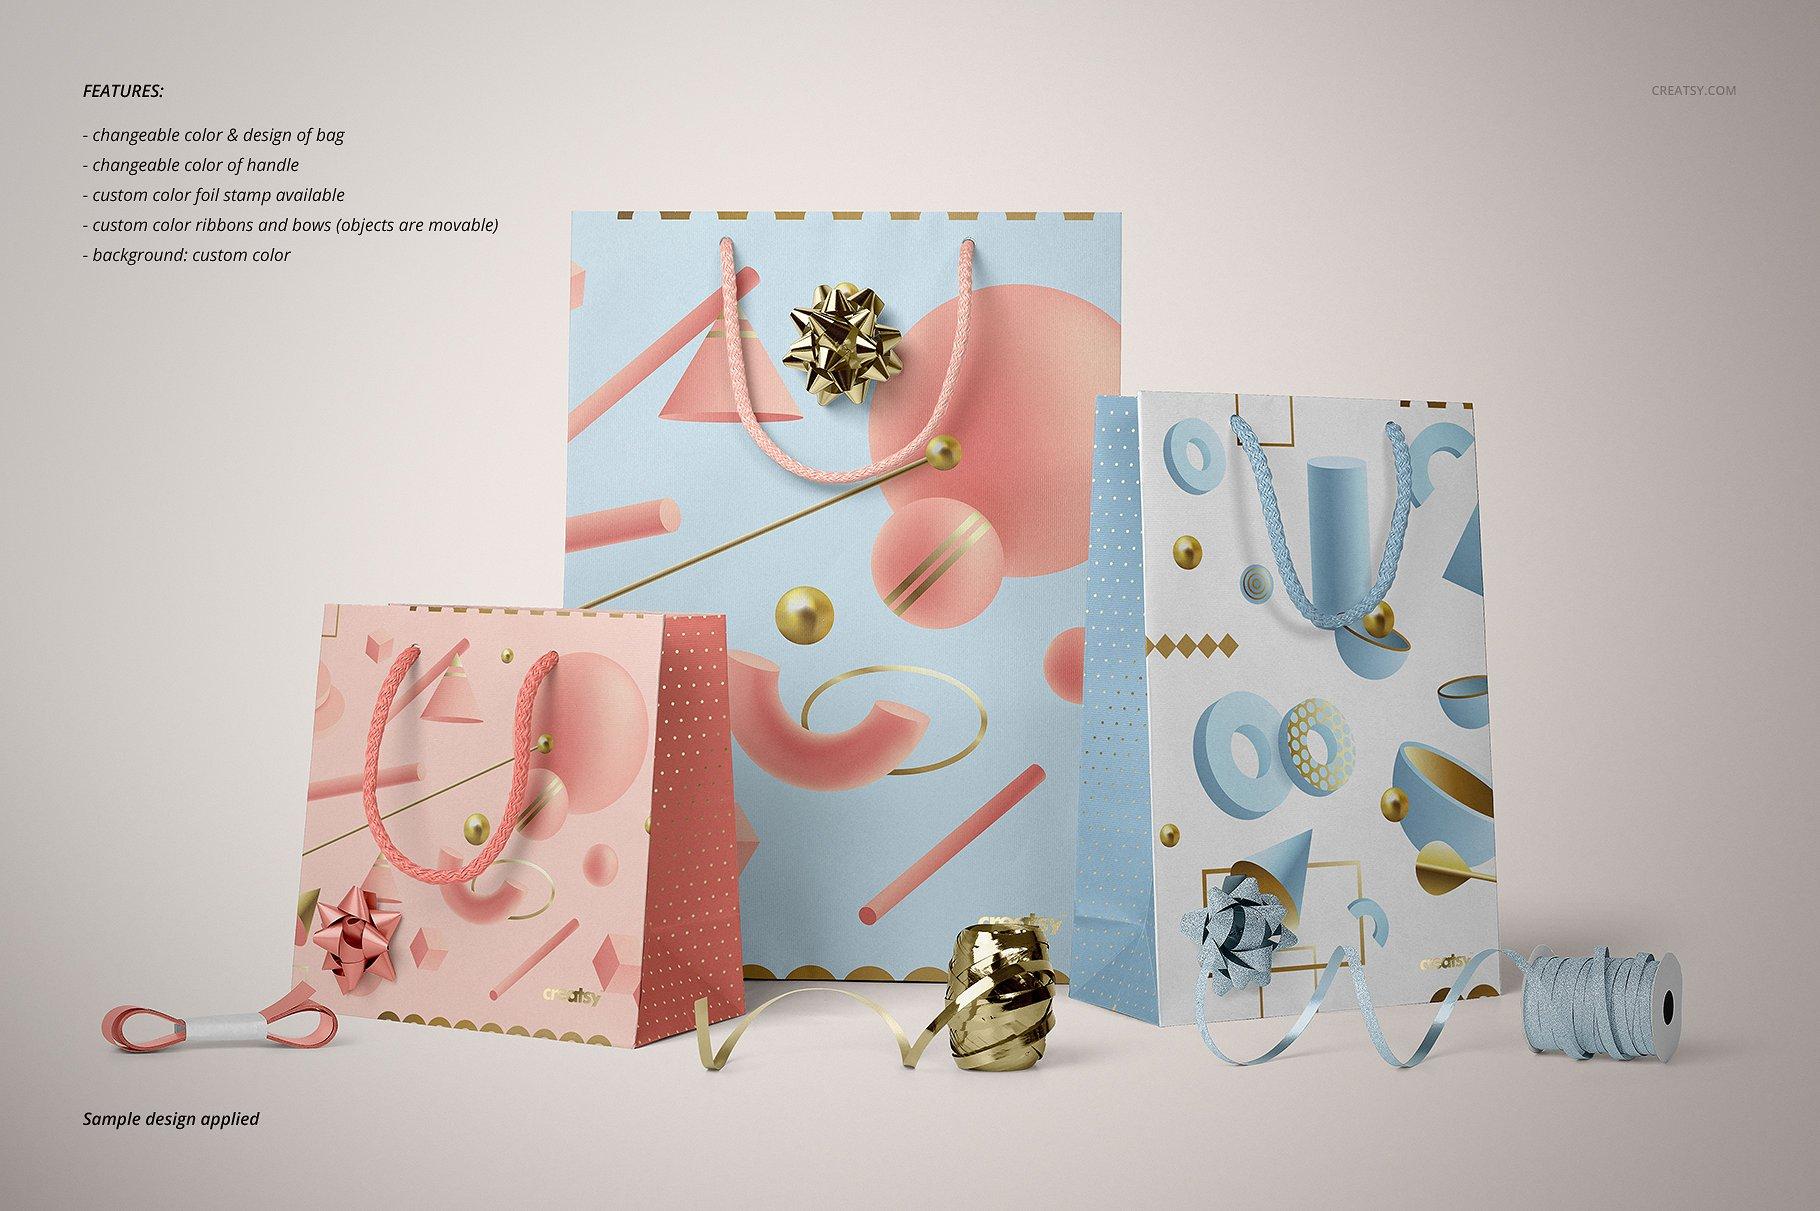 手提袋样机PSD智能贴图模板 Paper Bags Mockup (gifting edition)插图(18)